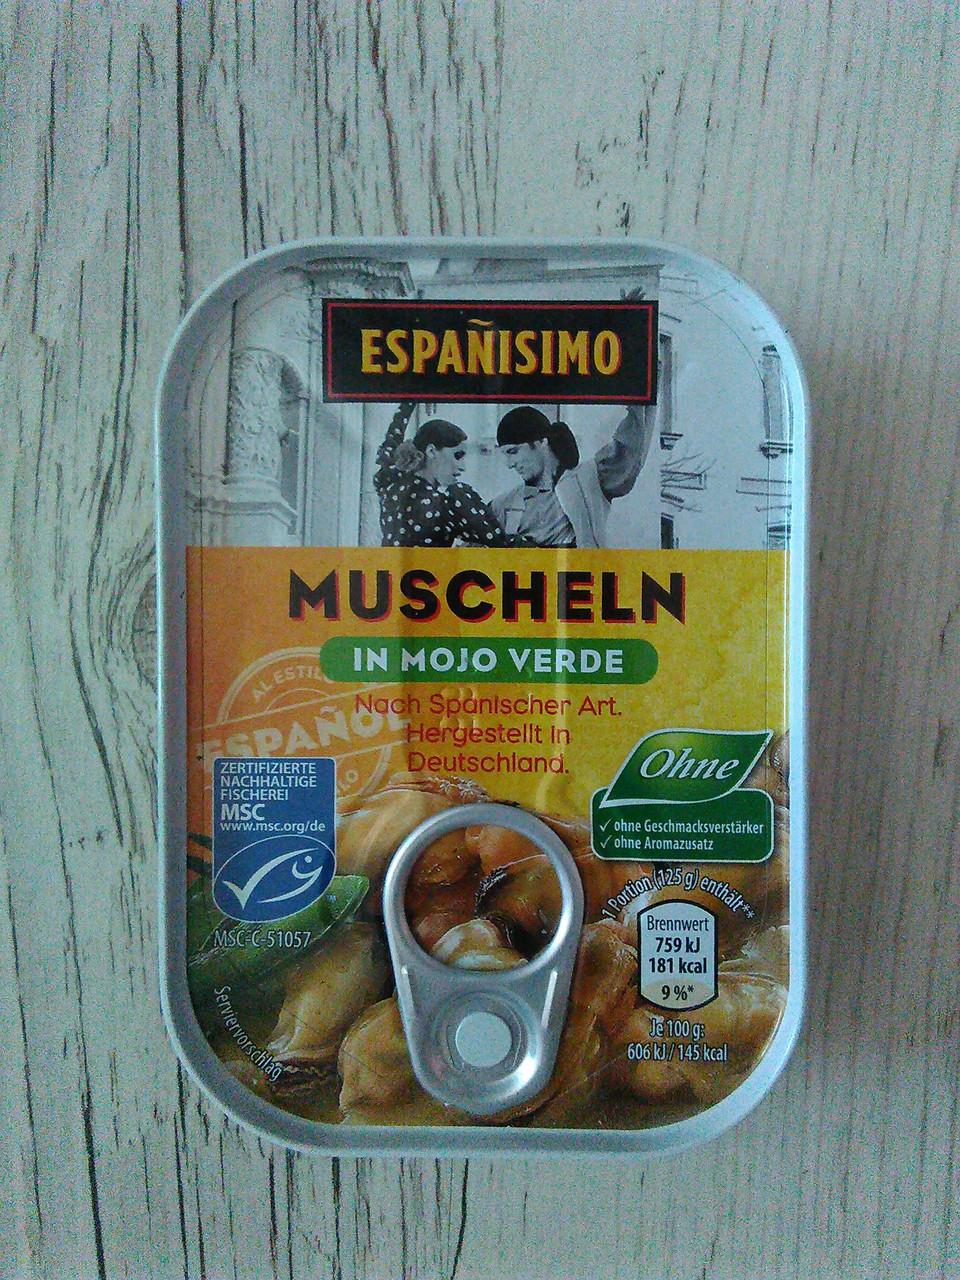 Мидии в маринаде Espanisimo Muscheln пикантные, 125 гр.